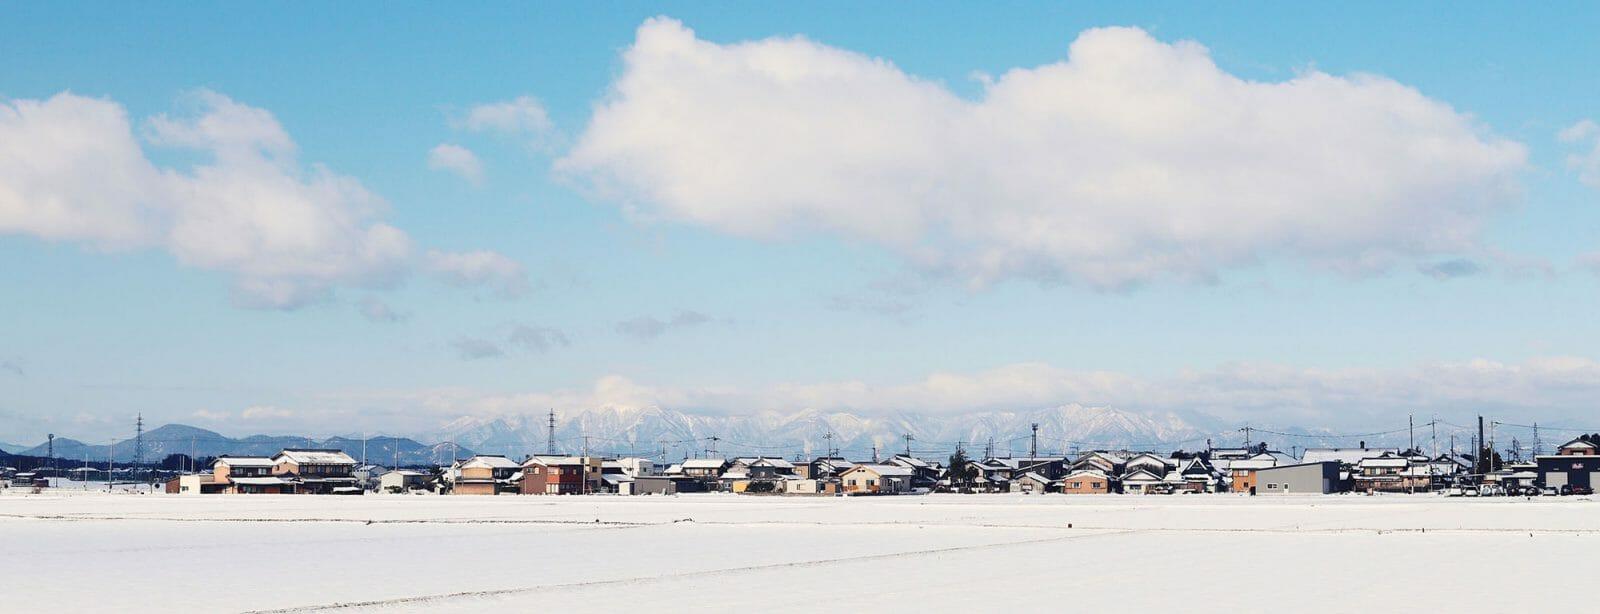 冬のソレプロの景色